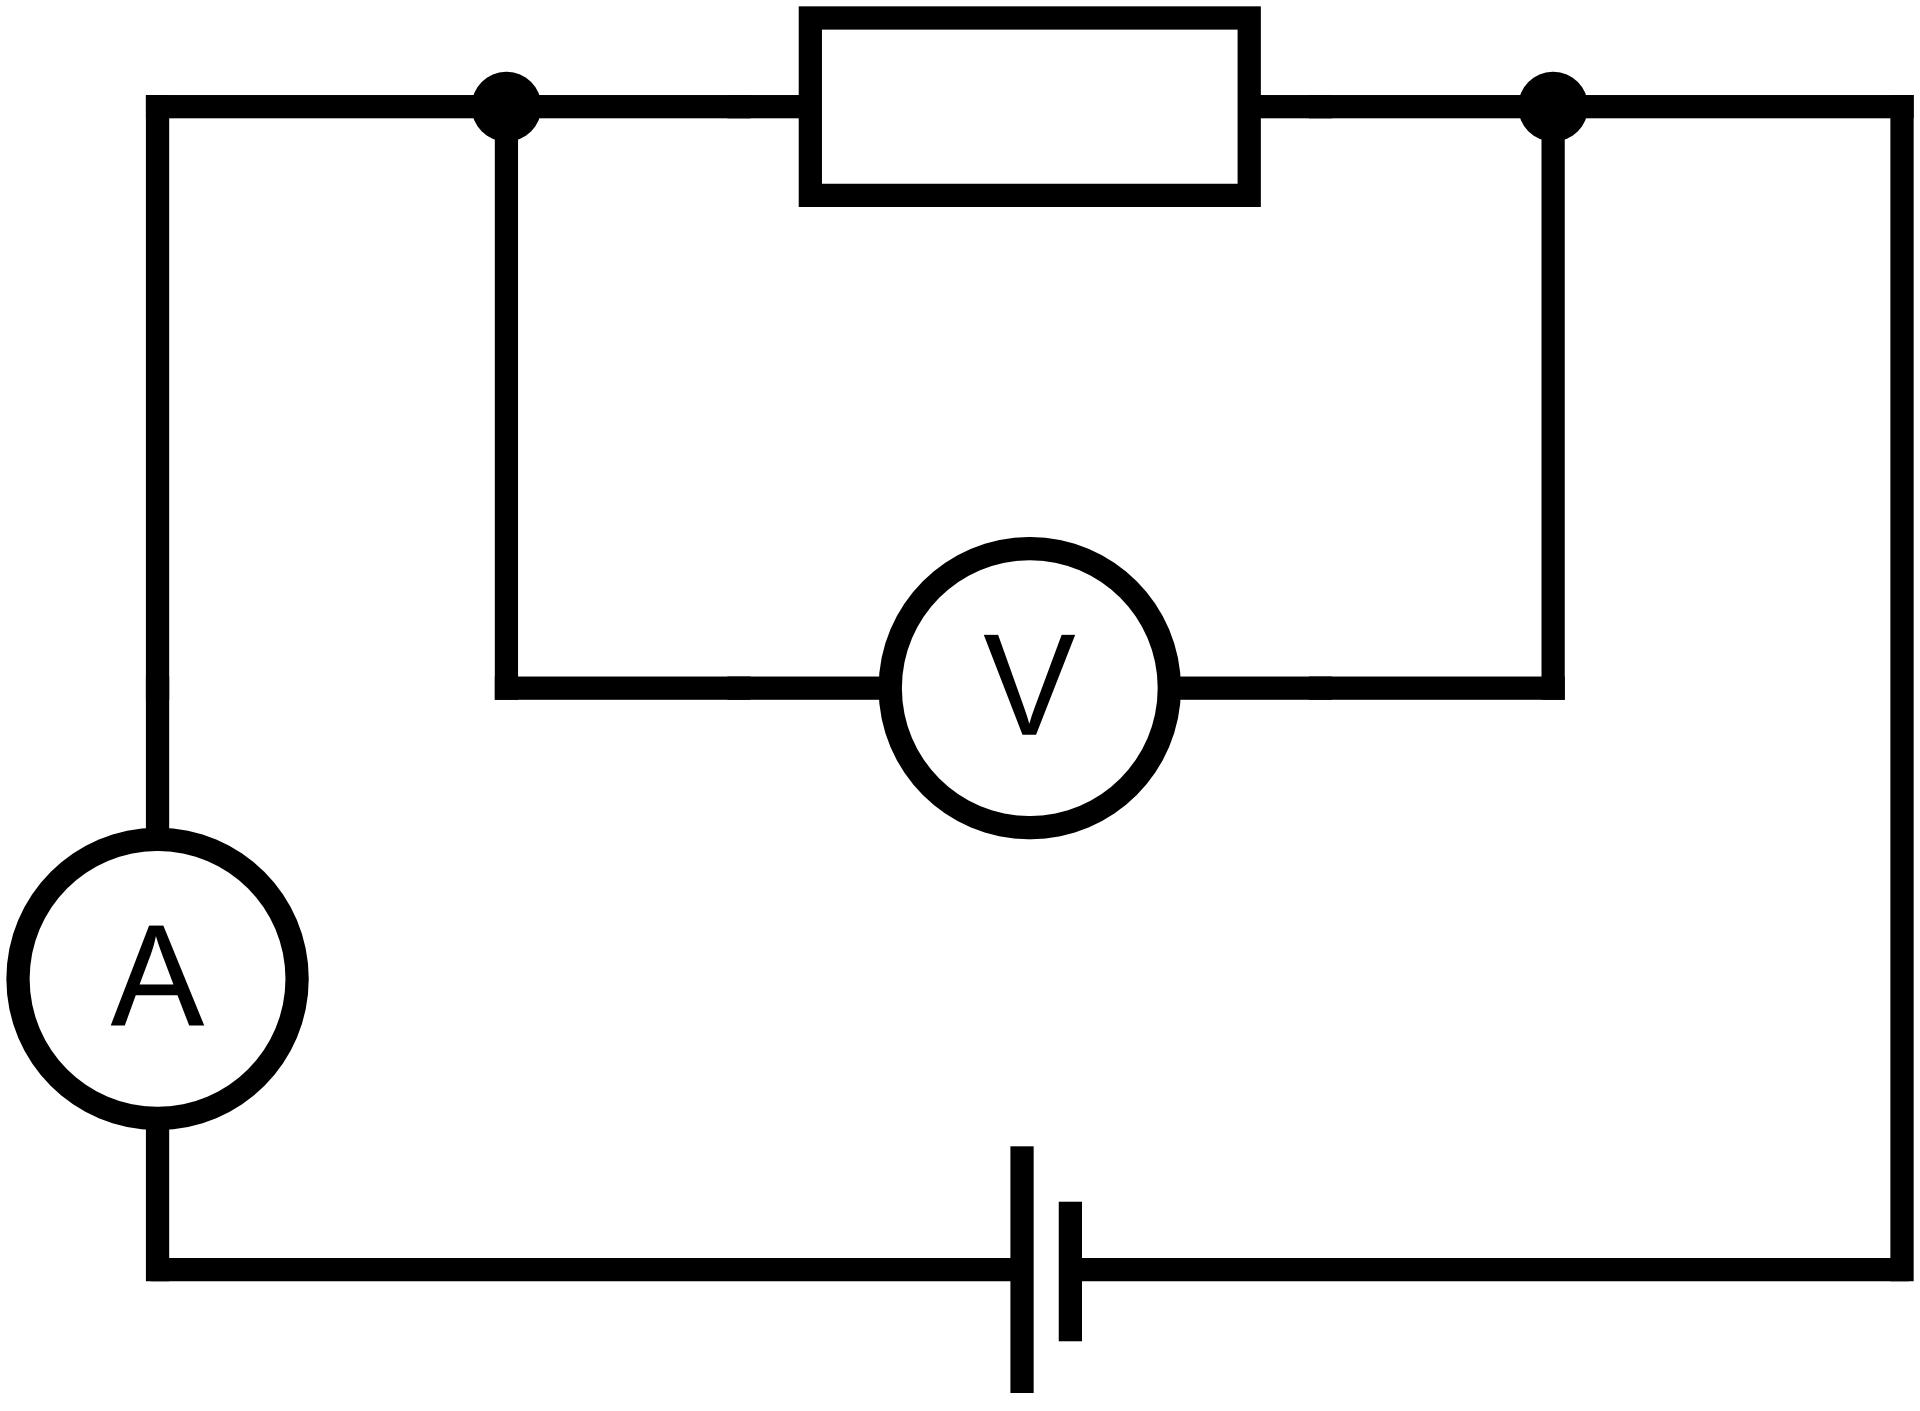 Schemat prostego obwodu elektrycznego do badania zależności natężenia prądu od wartości napięcia